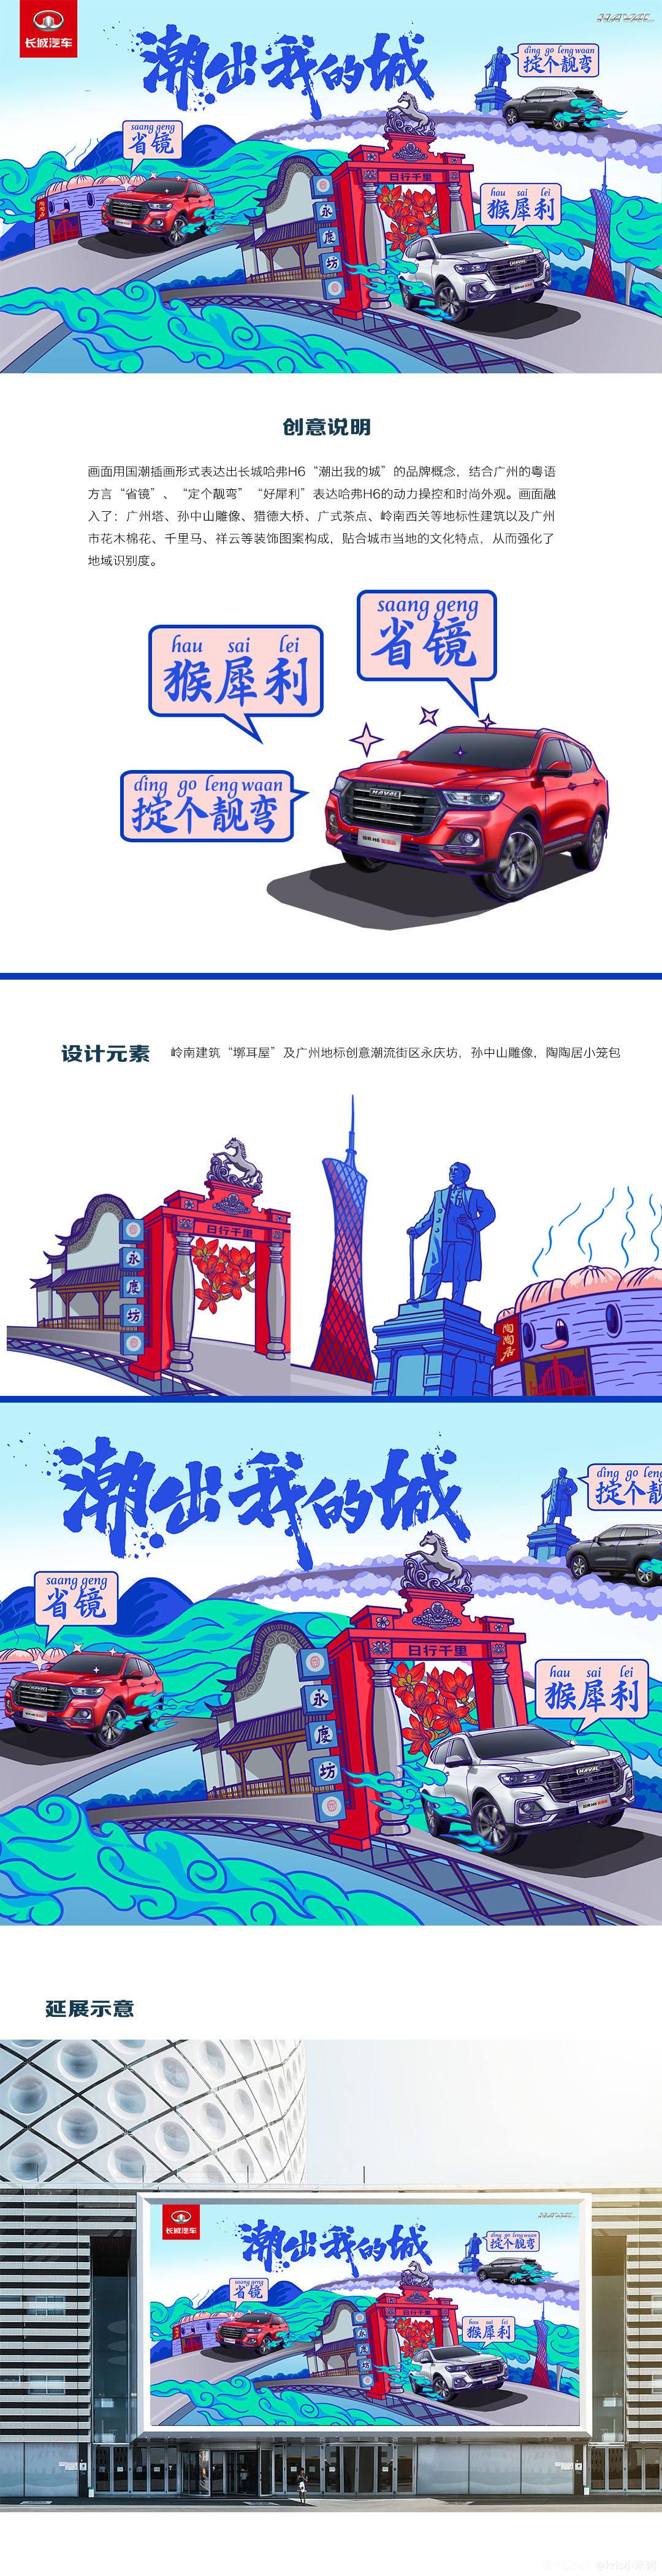 哈弗H6国潮版创意海报设计大赛 图1